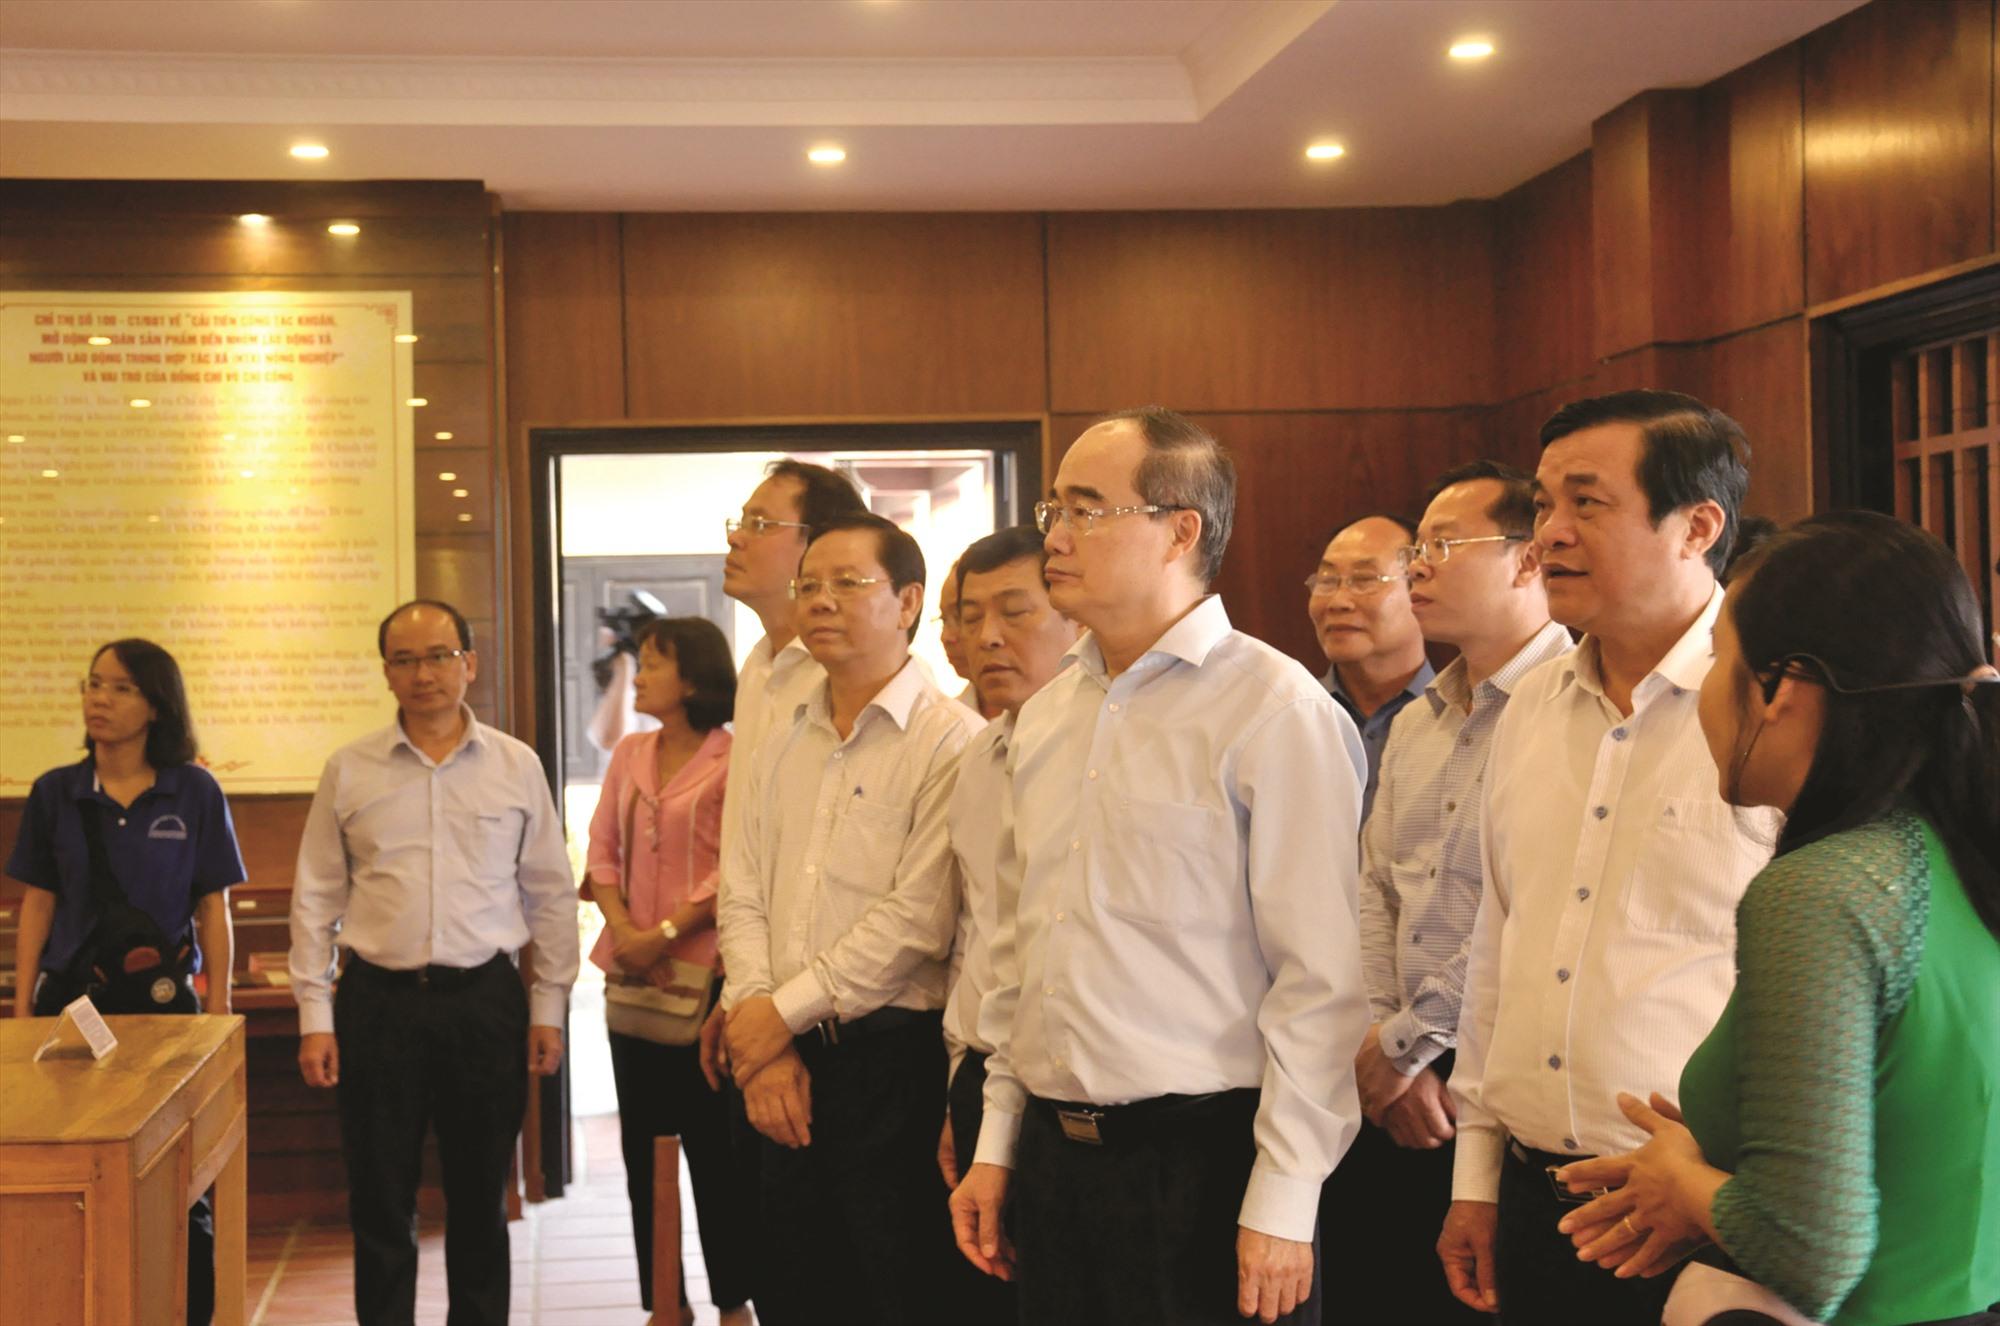 Đồng chí Nguyễn Thiện Nhân, Bí thư Thành ủy Thành phố Hồ Chí Minh thăm Nhà lưu niệm đồng chí Võ Chí Công tại Núi Thành. Ảnh: NGUYÊN ĐOAN